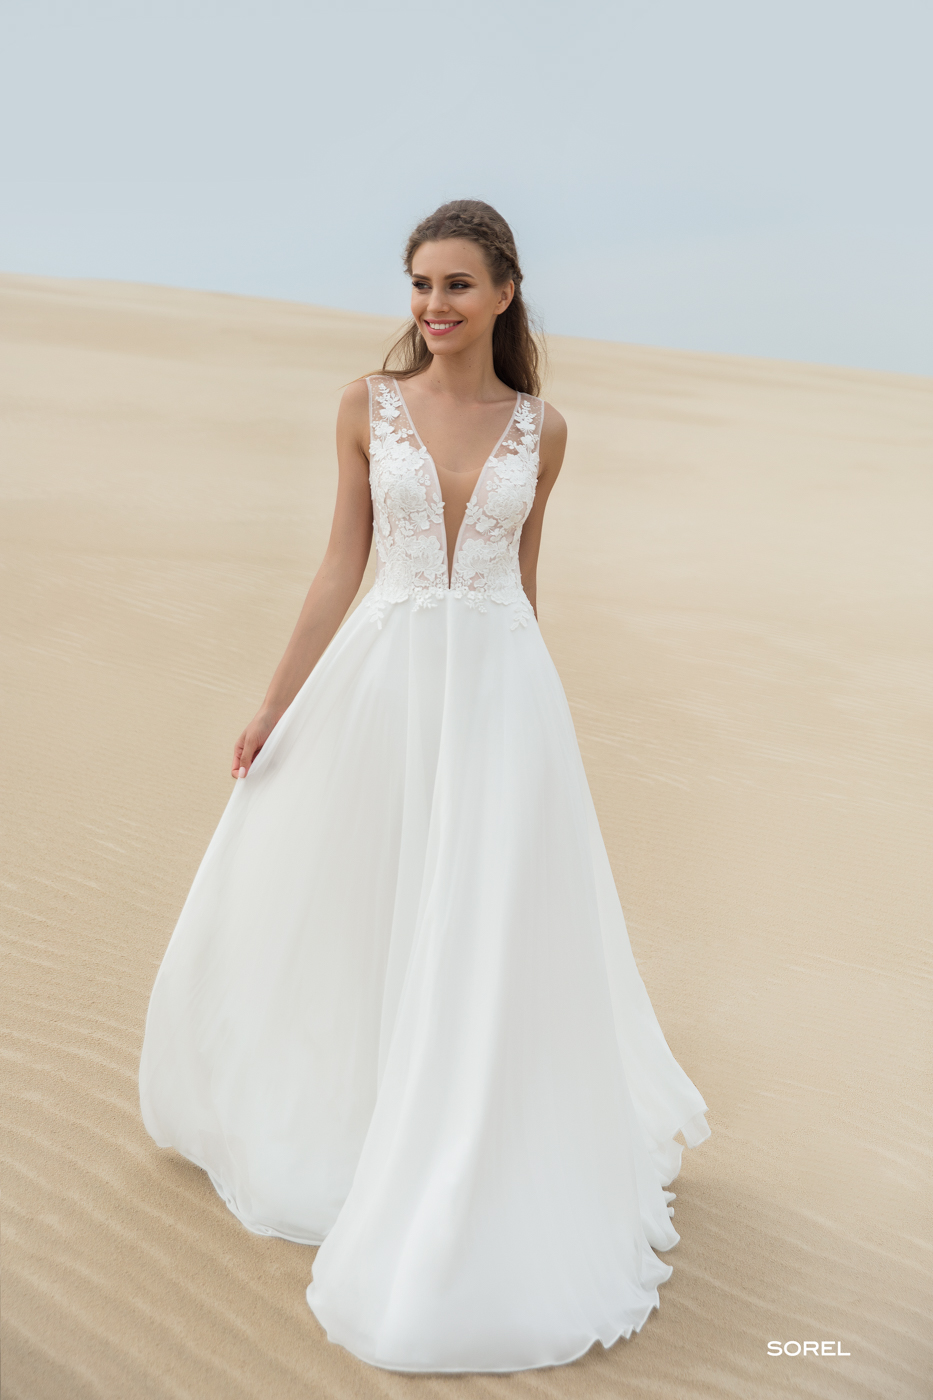 Träger Spitze myLovely Brautkleid tiefer Ausschnitt sexy elegant Sommer Hochzeit Strand Chiffon fließend Blüten Empfehlung